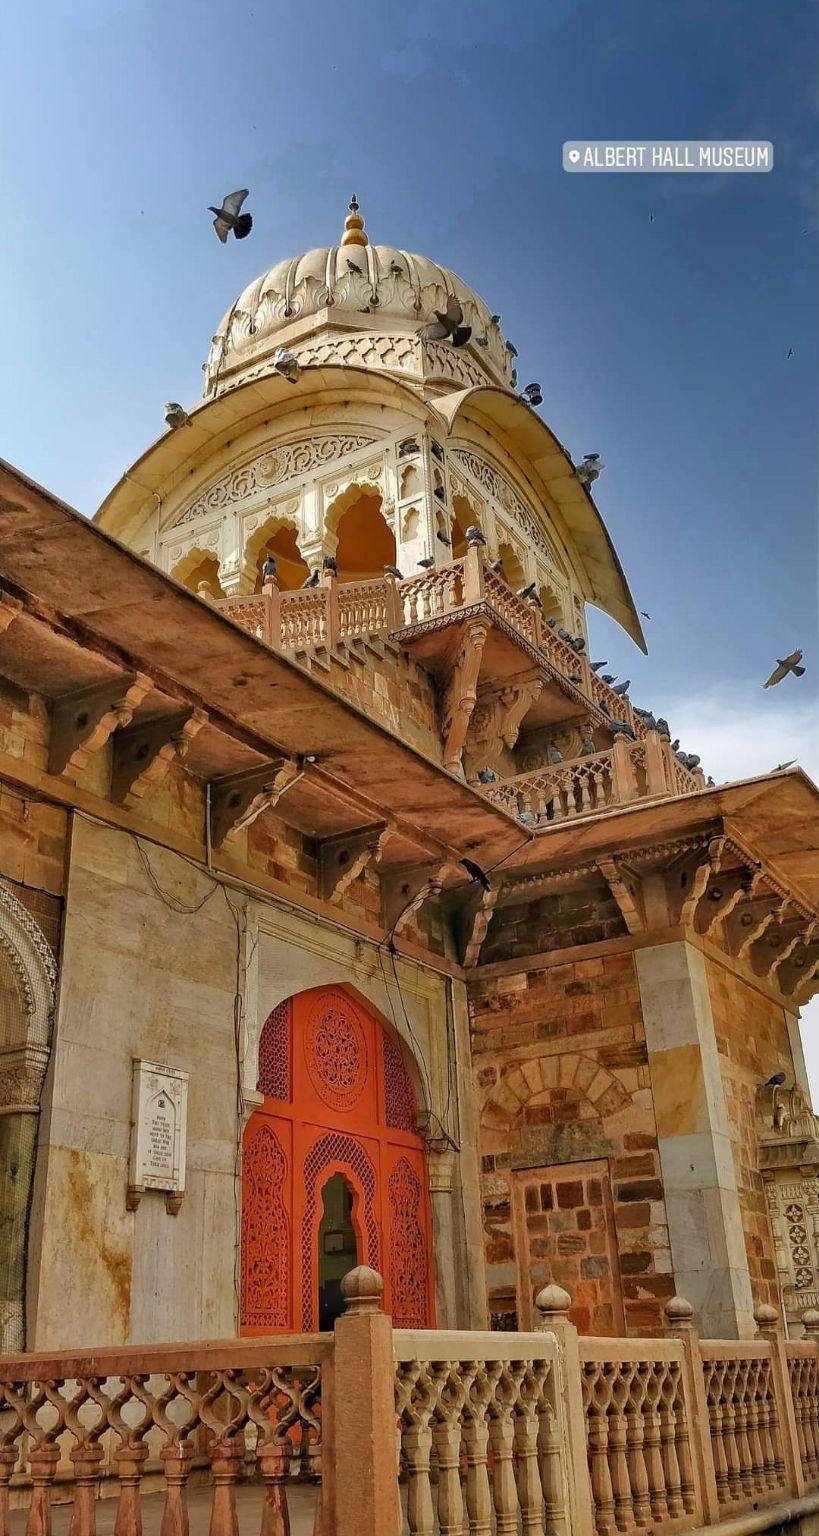 Photo of Albert Hall Museum By aekansh saini